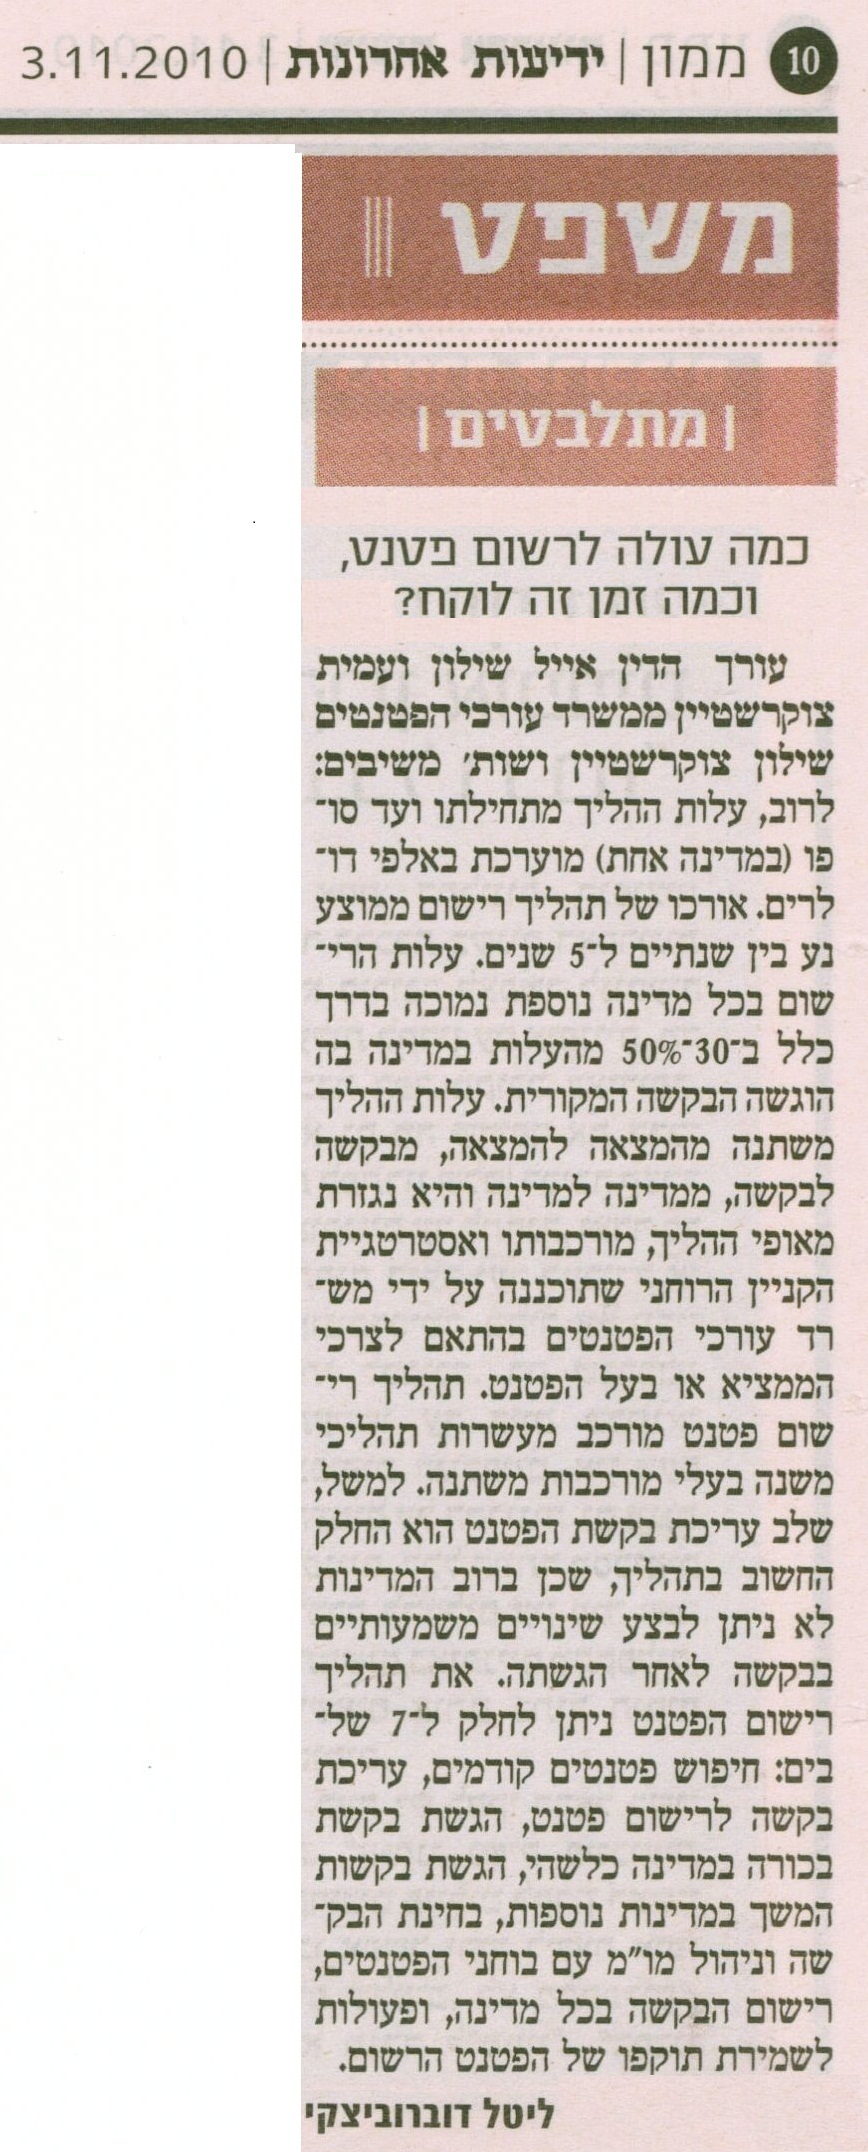 ידיעות אחרונות (עיתון), 03/11/2010, כמה עולה לרשום פטנט וכמה זמן זה לוקח?